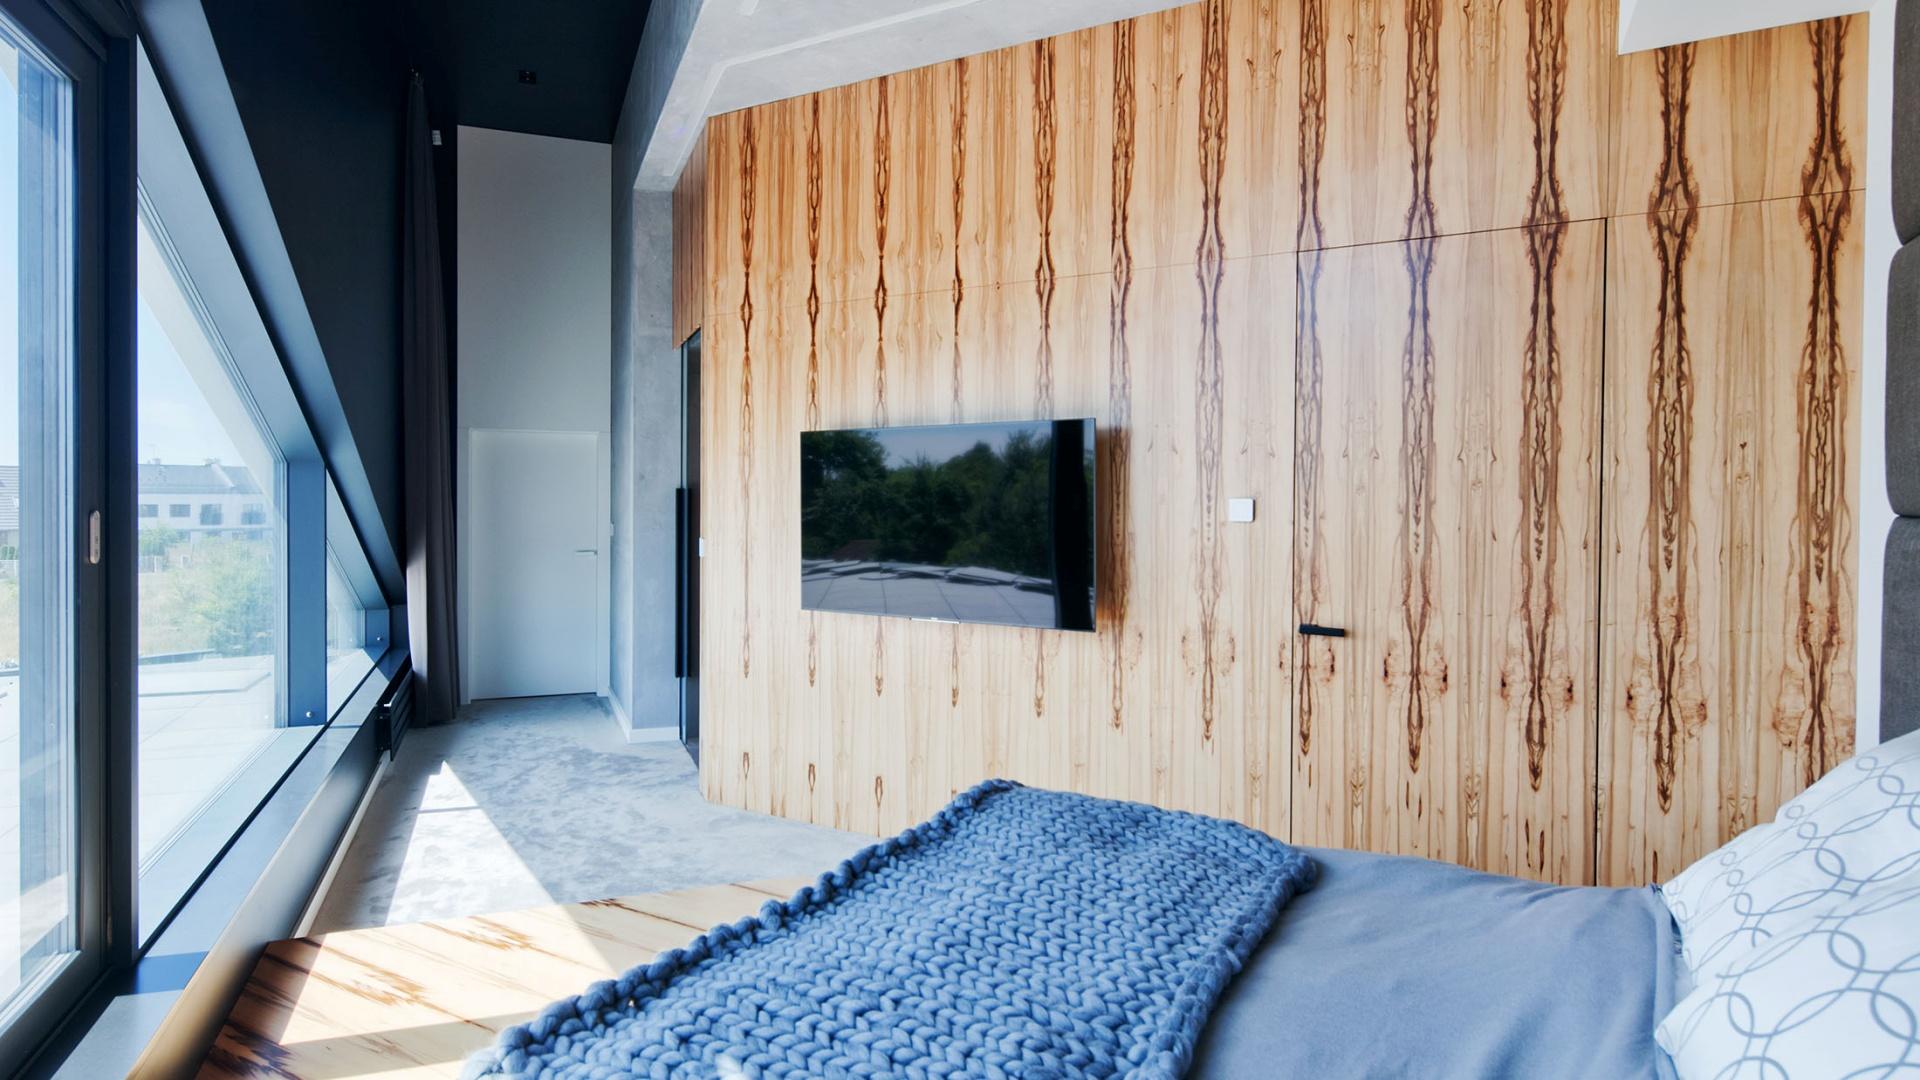 Projekt wnętrz dom w Szczecinie projektu architekta Marcina Tomaszewskiego REFORM-Architekt